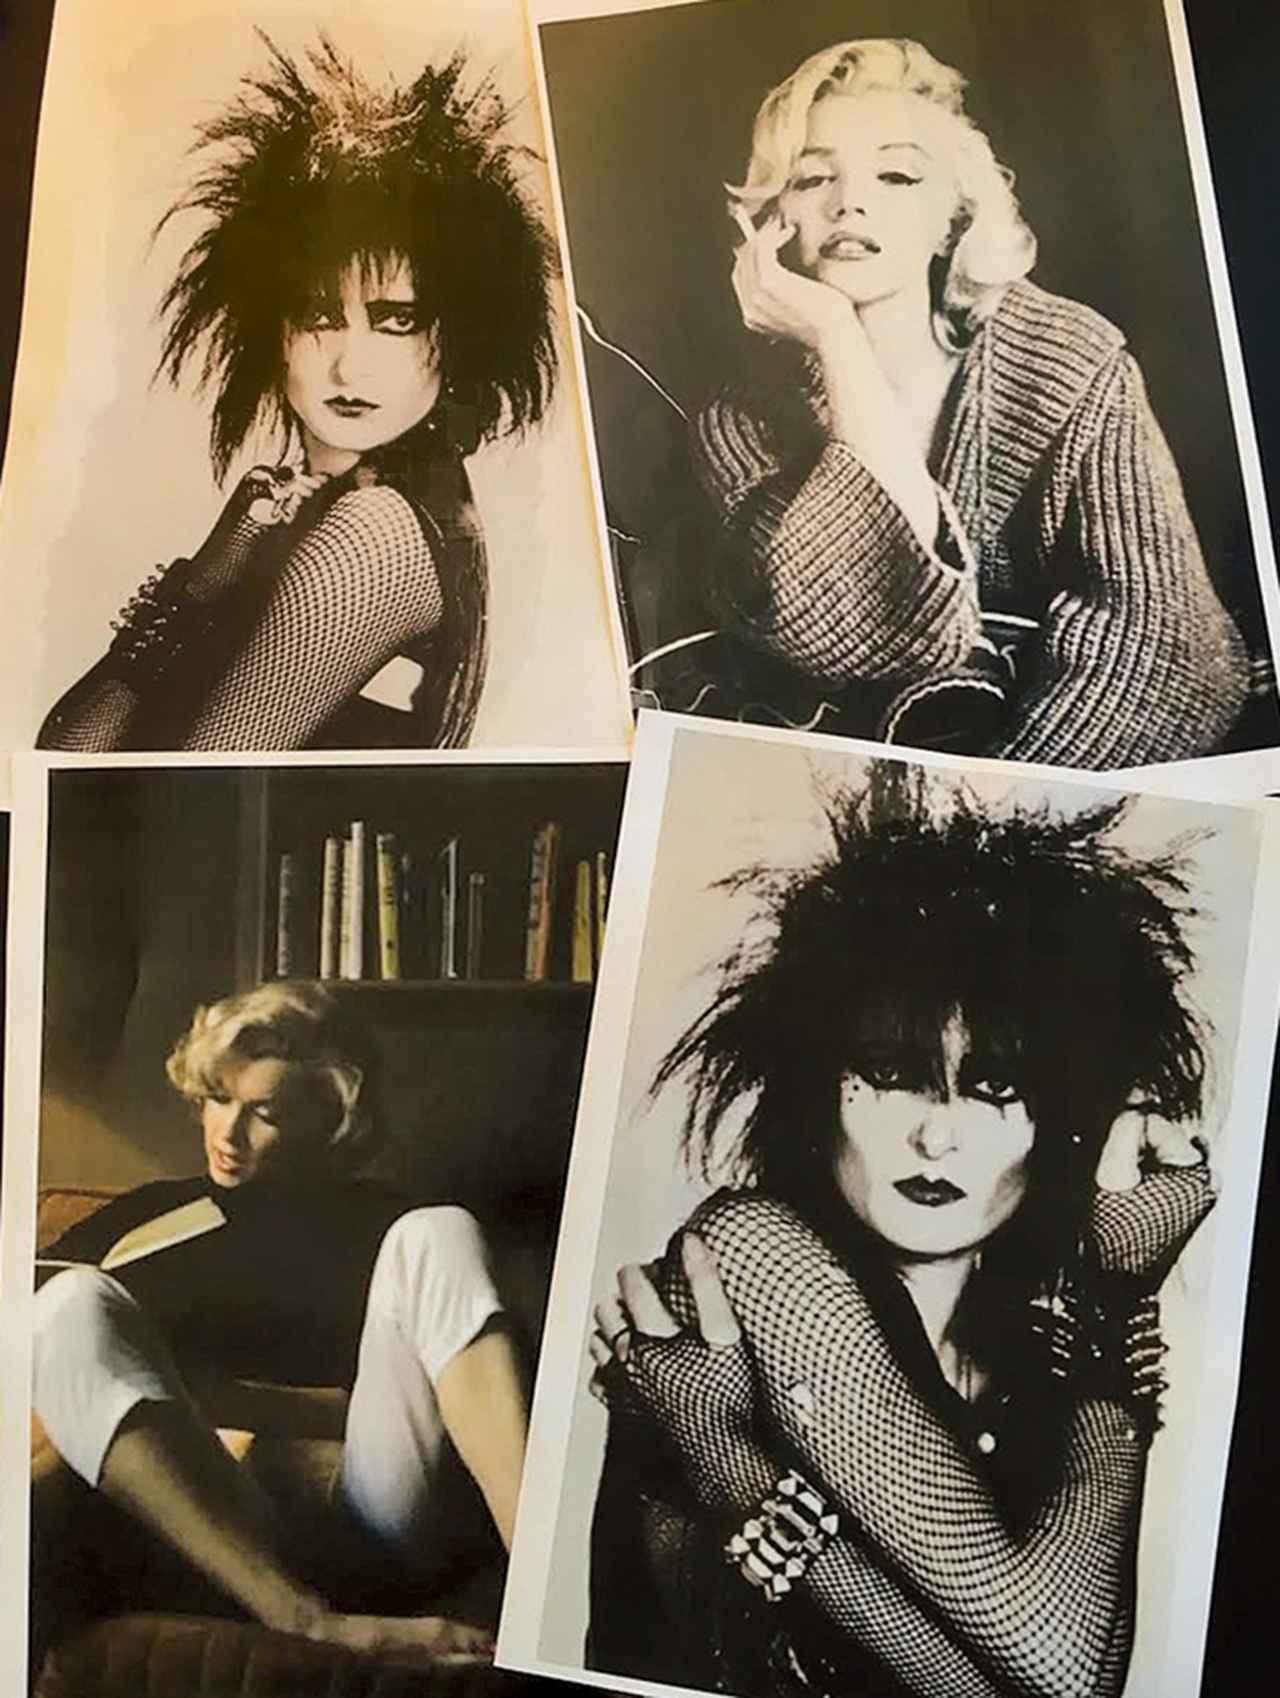 Images : 3番目の画像 - 「マックスマーラの イアン・グリフィスが愛するもの」のアルバム - T JAPAN:The New York Times Style Magazine 公式サイト